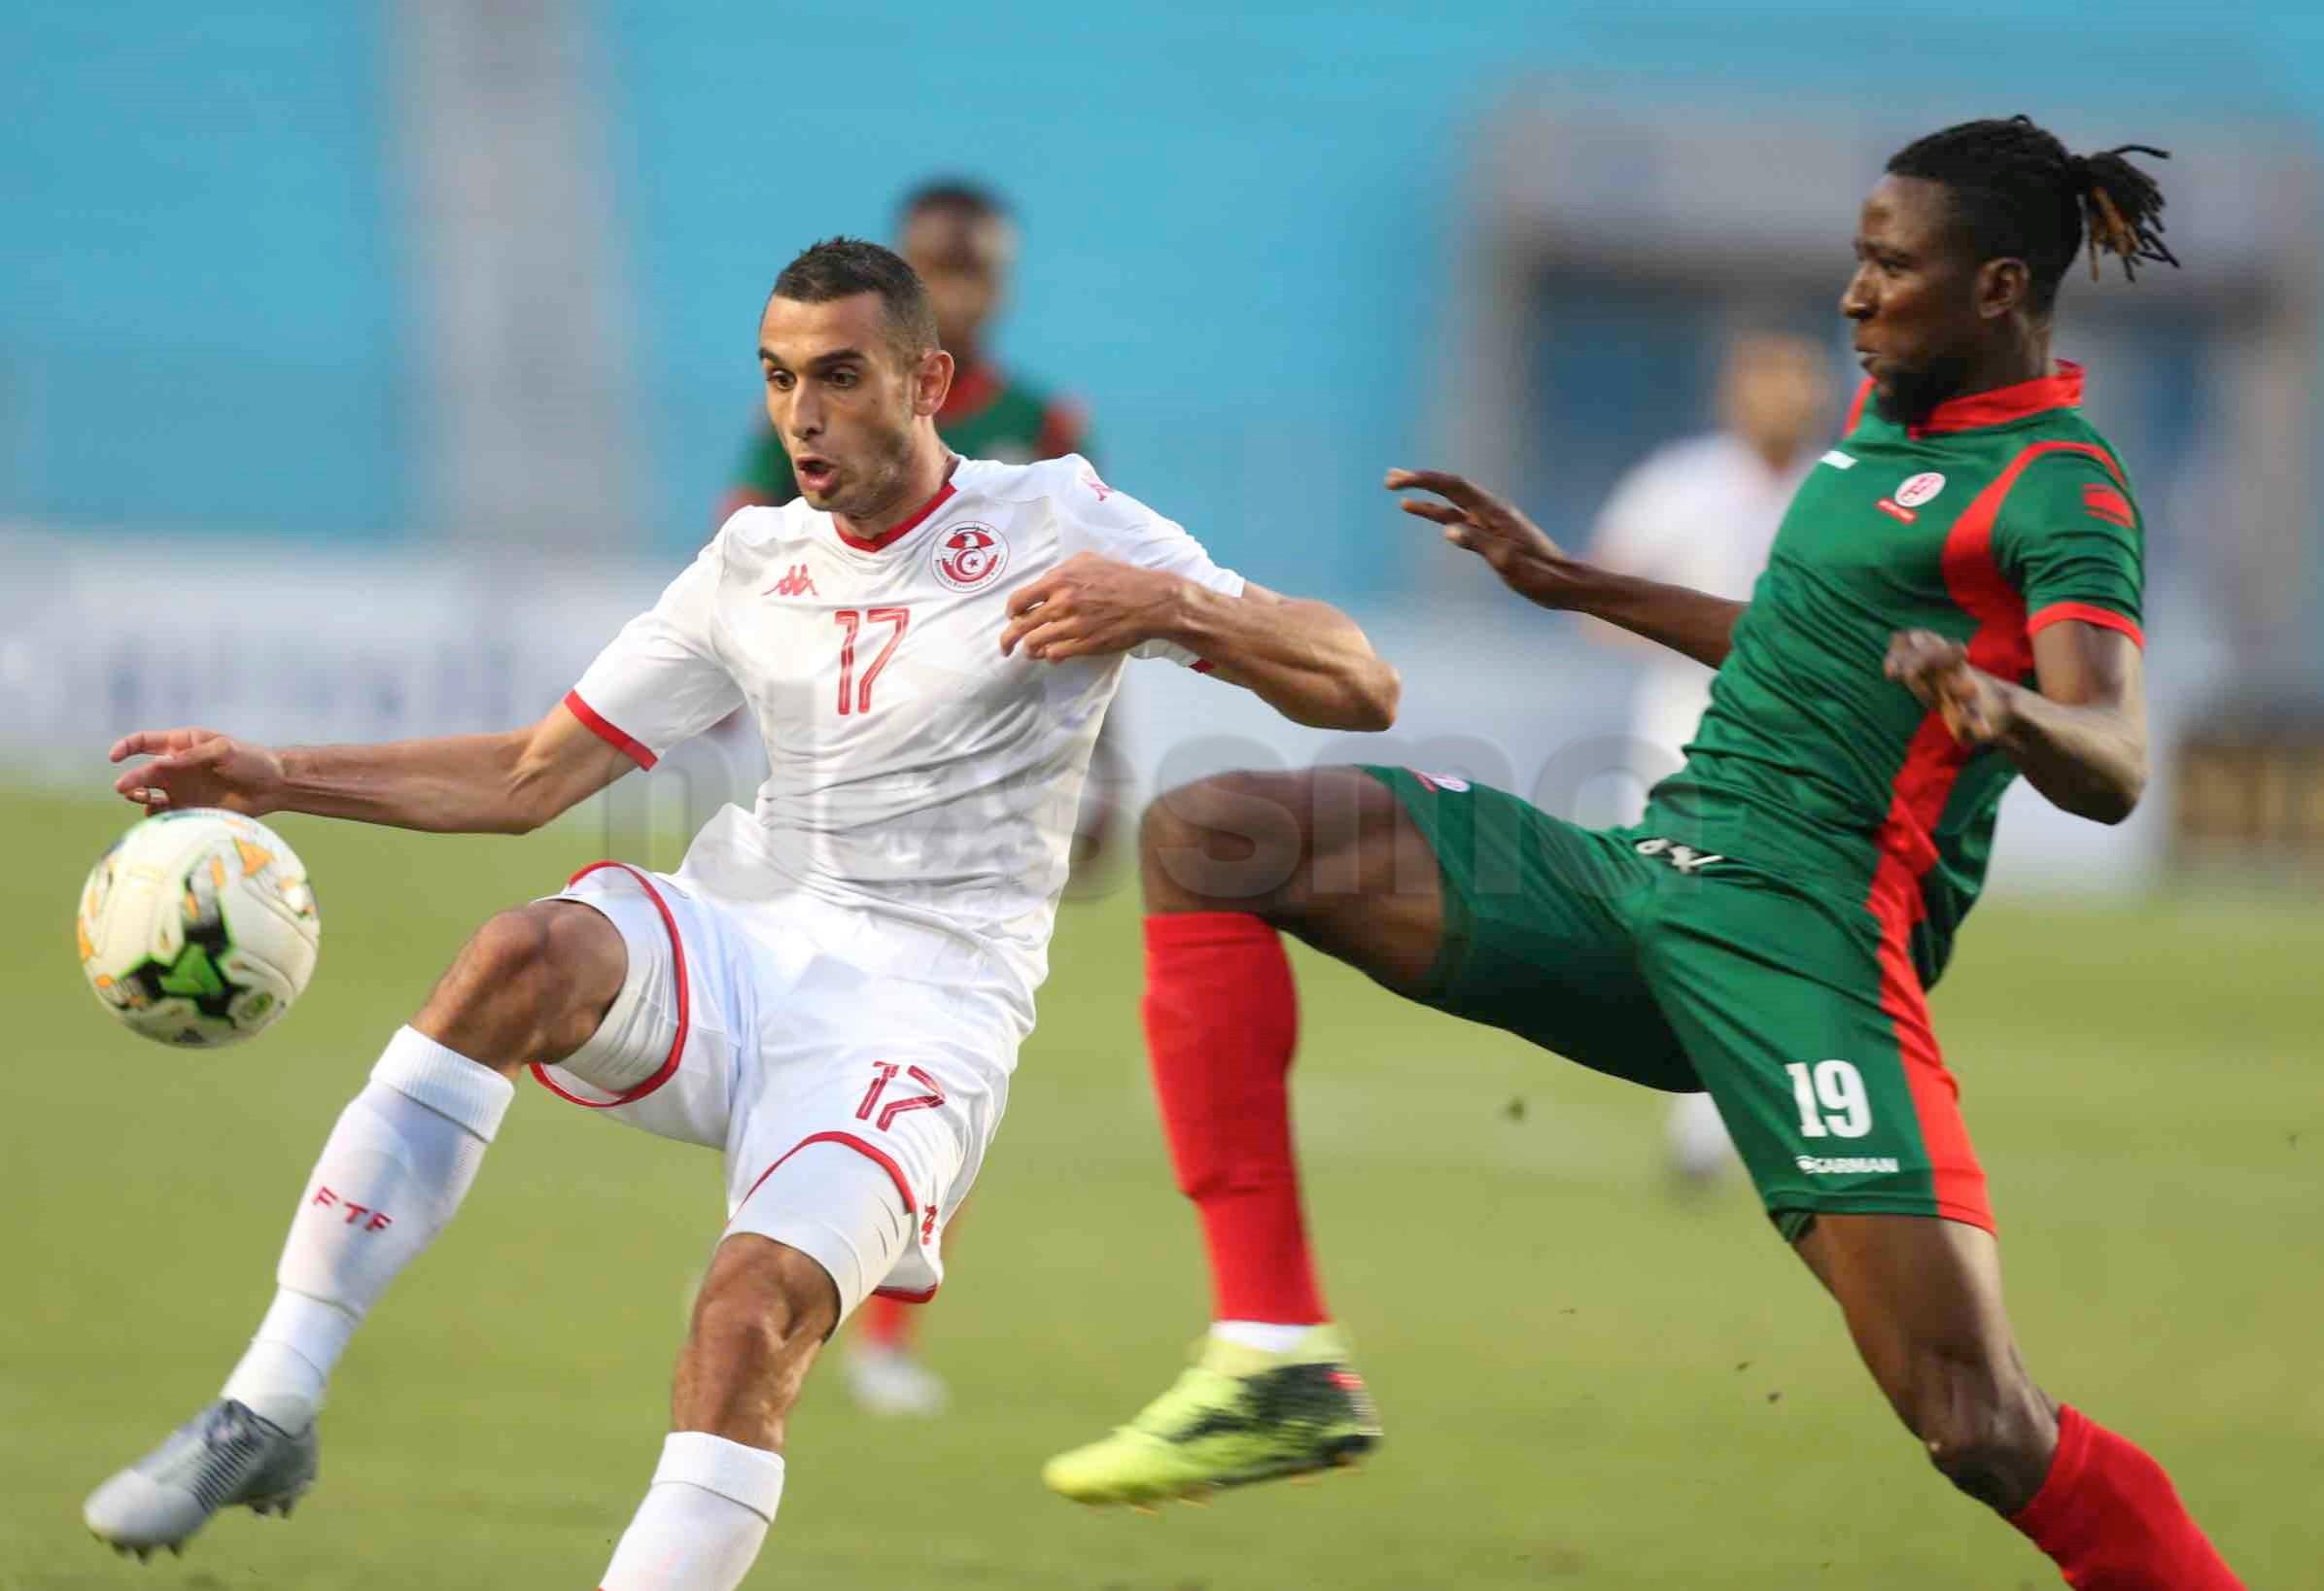 صور الشوط الأول لمباراة المنتخب الوطني التونسي والمنتخب البوروندي